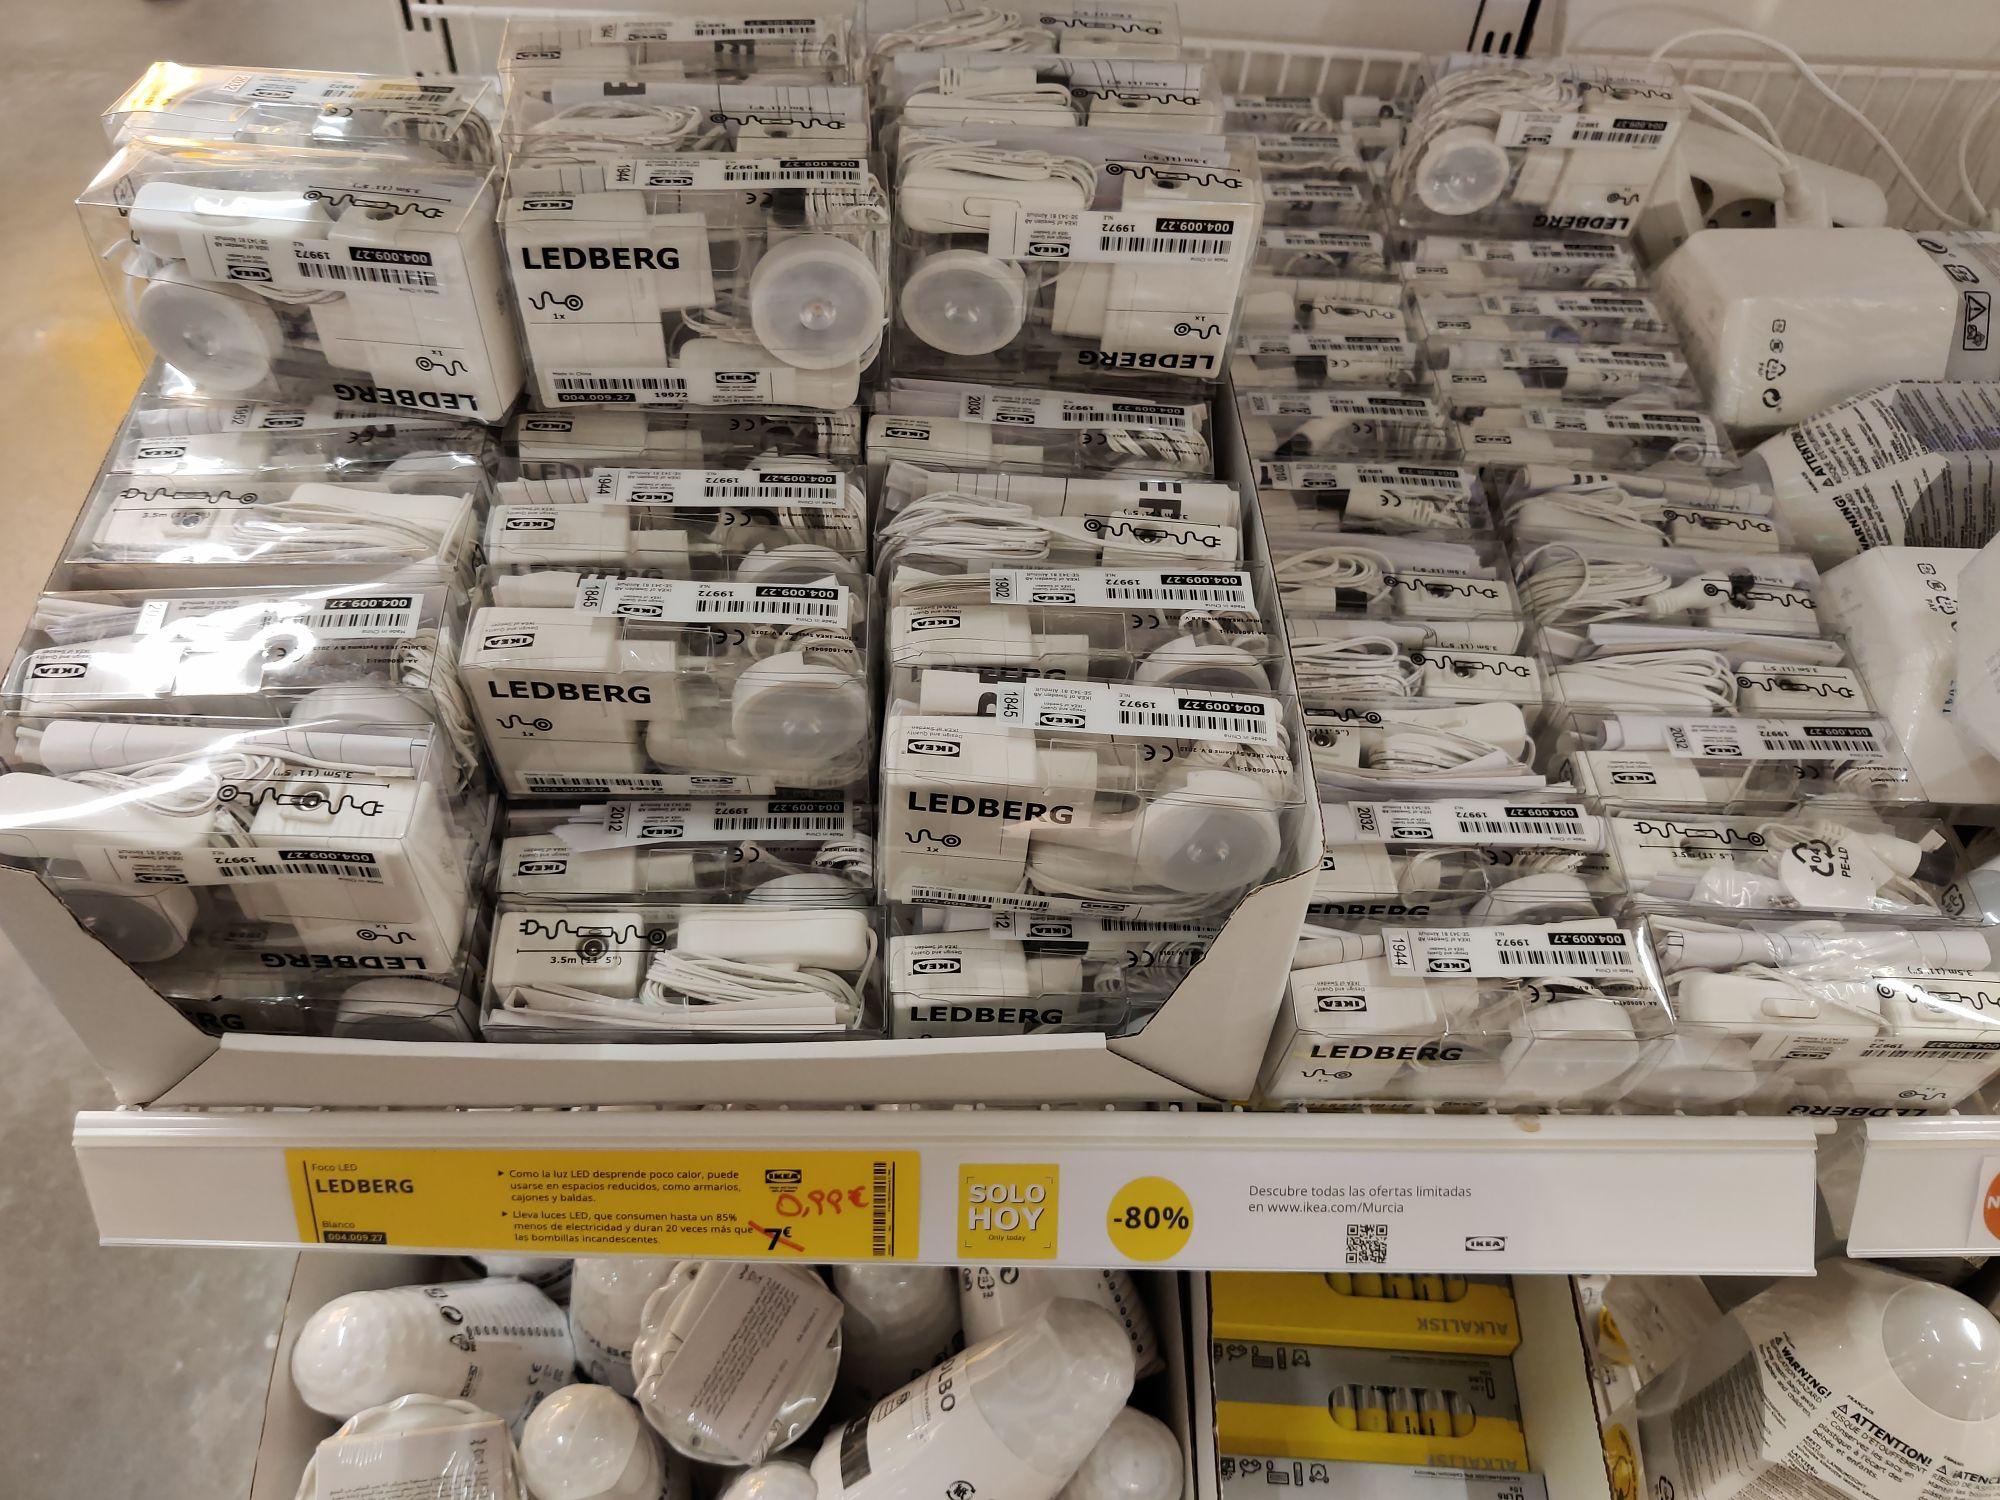 Focos LED por 0,99€, toallas de mano a 0,50€ y más cholletes (Ikea Murcia)